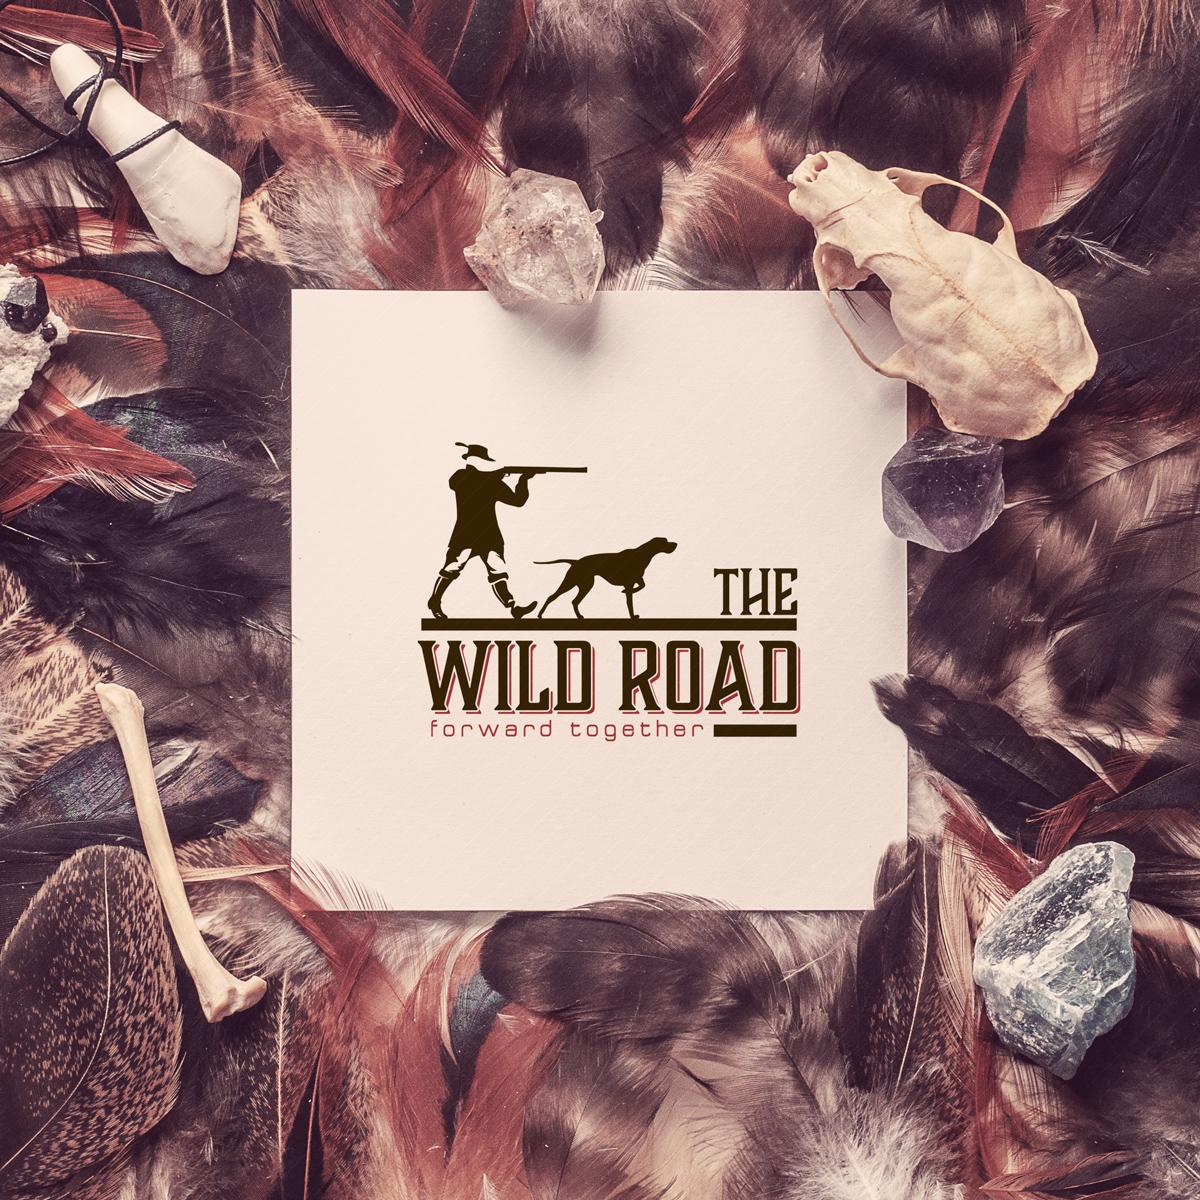 WILD ROAD